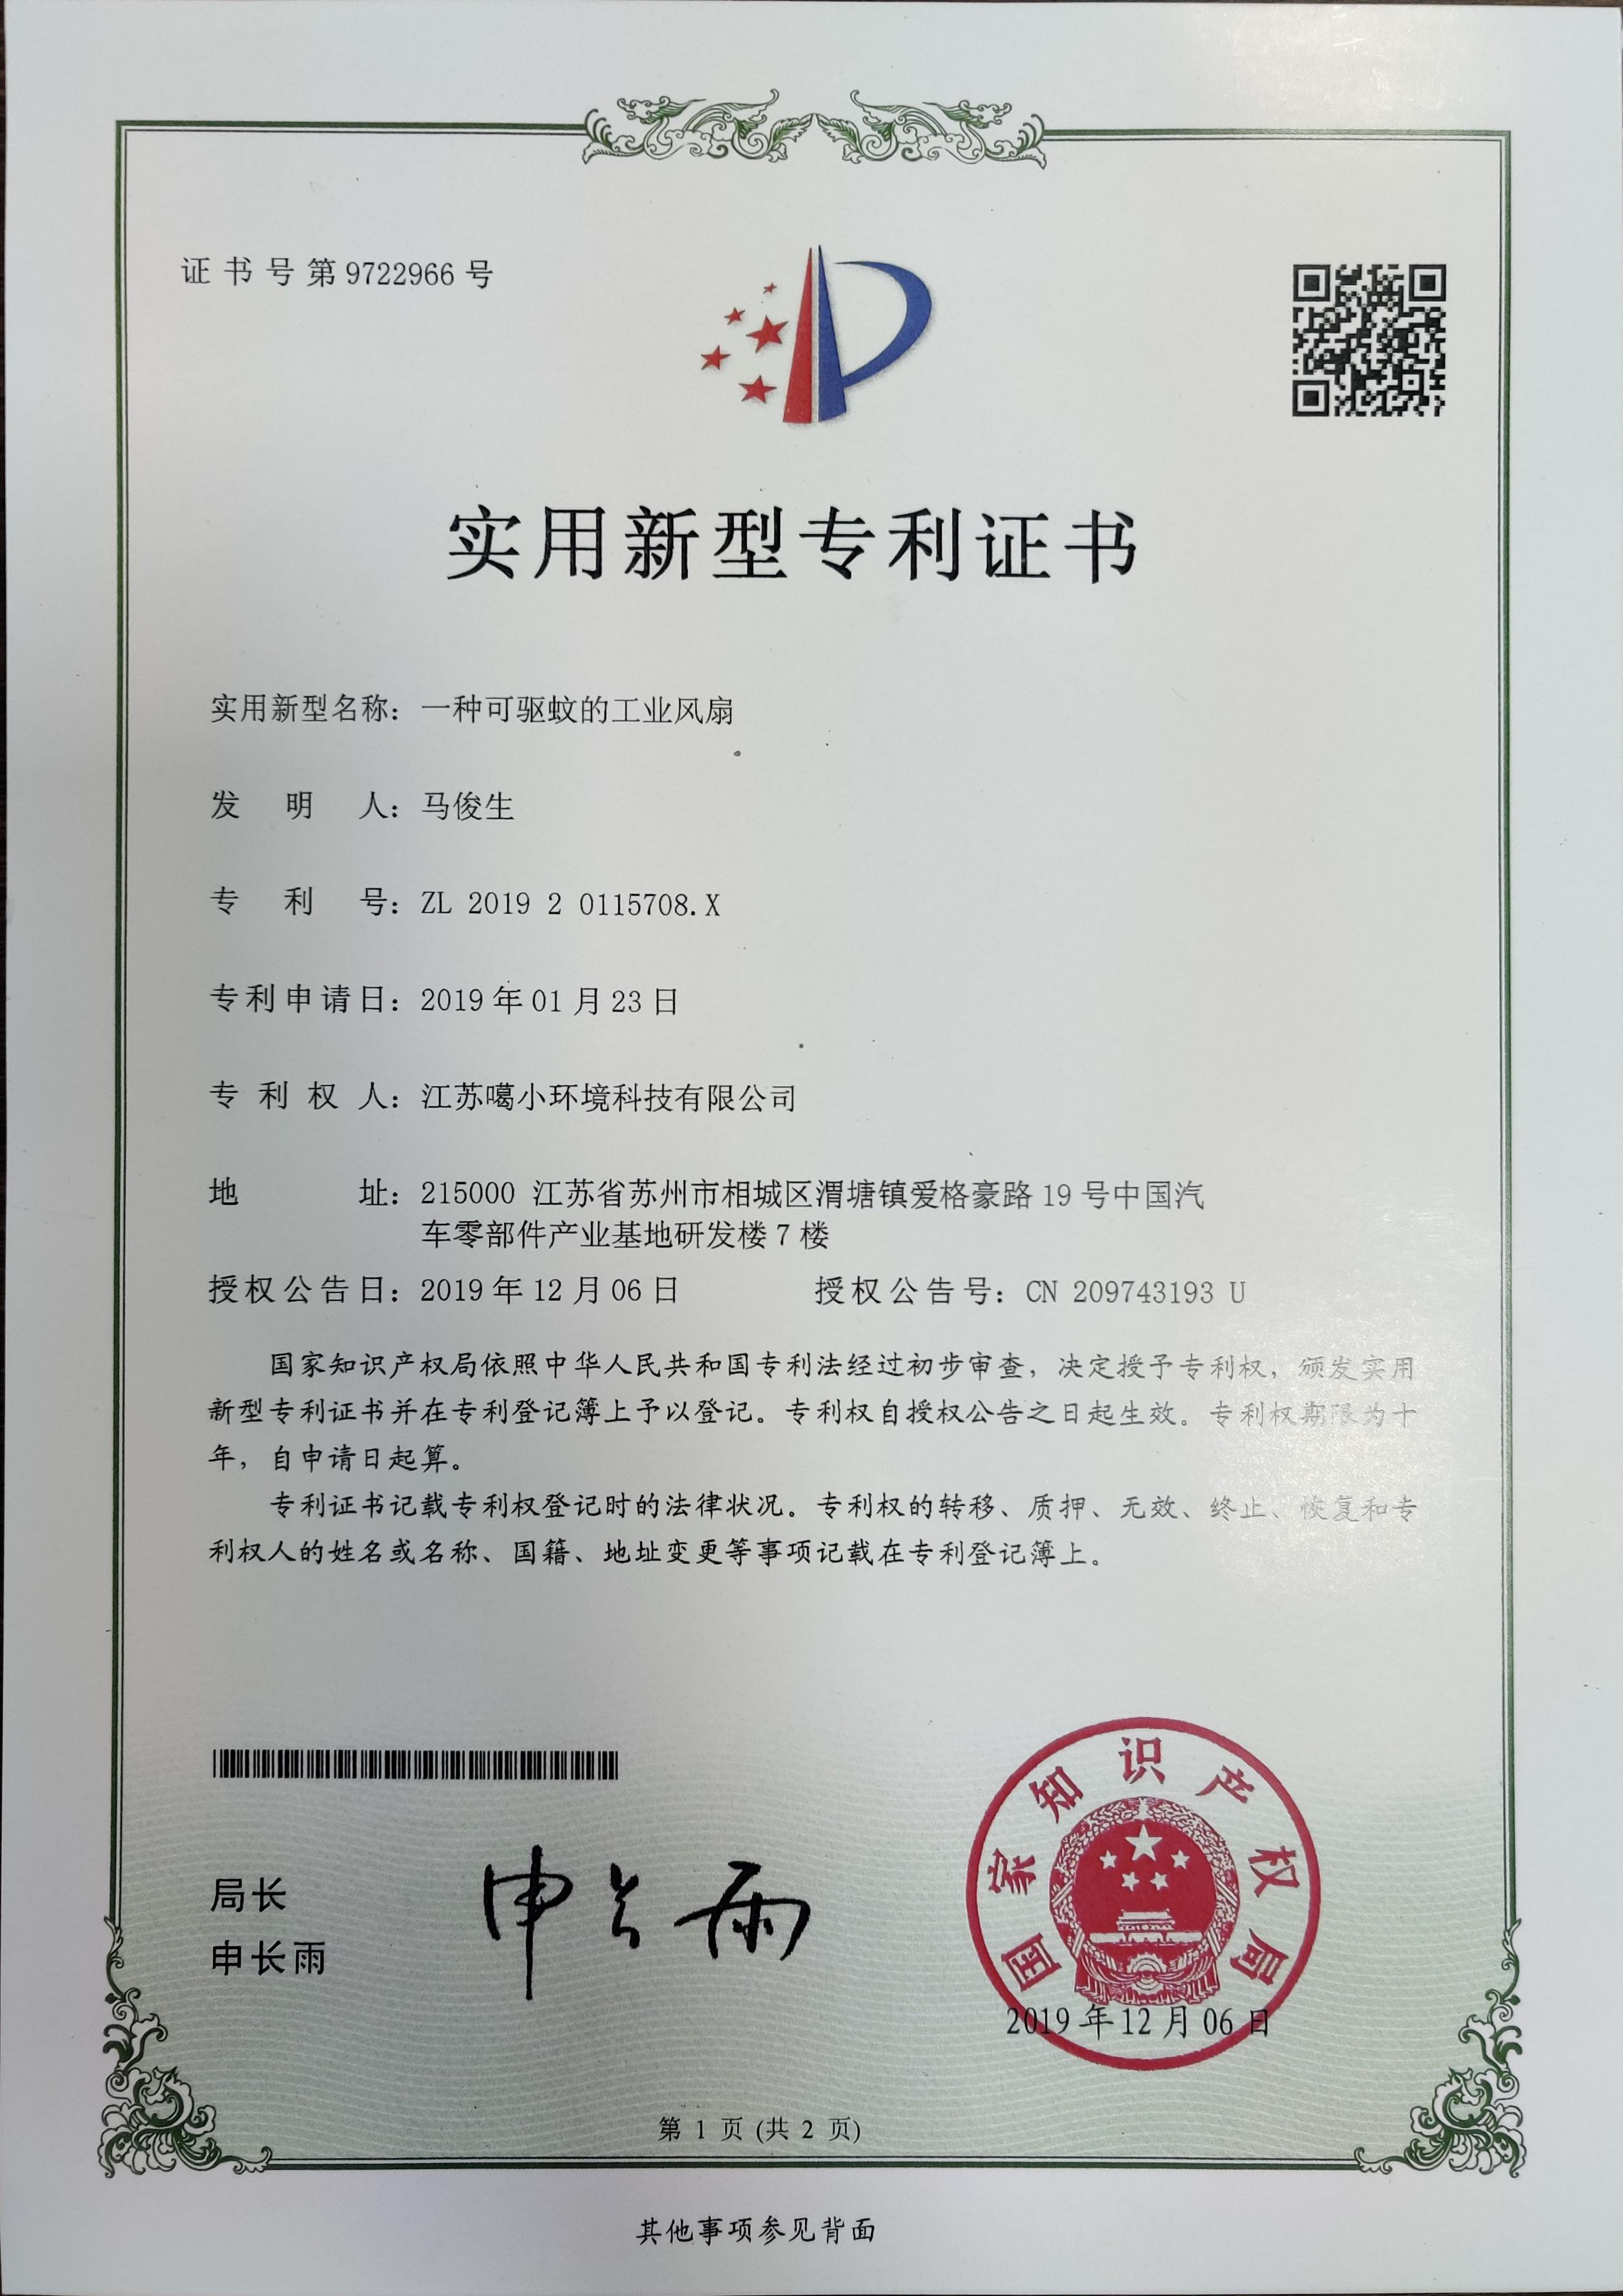 专利-可驱蚊的万博手机注册登录